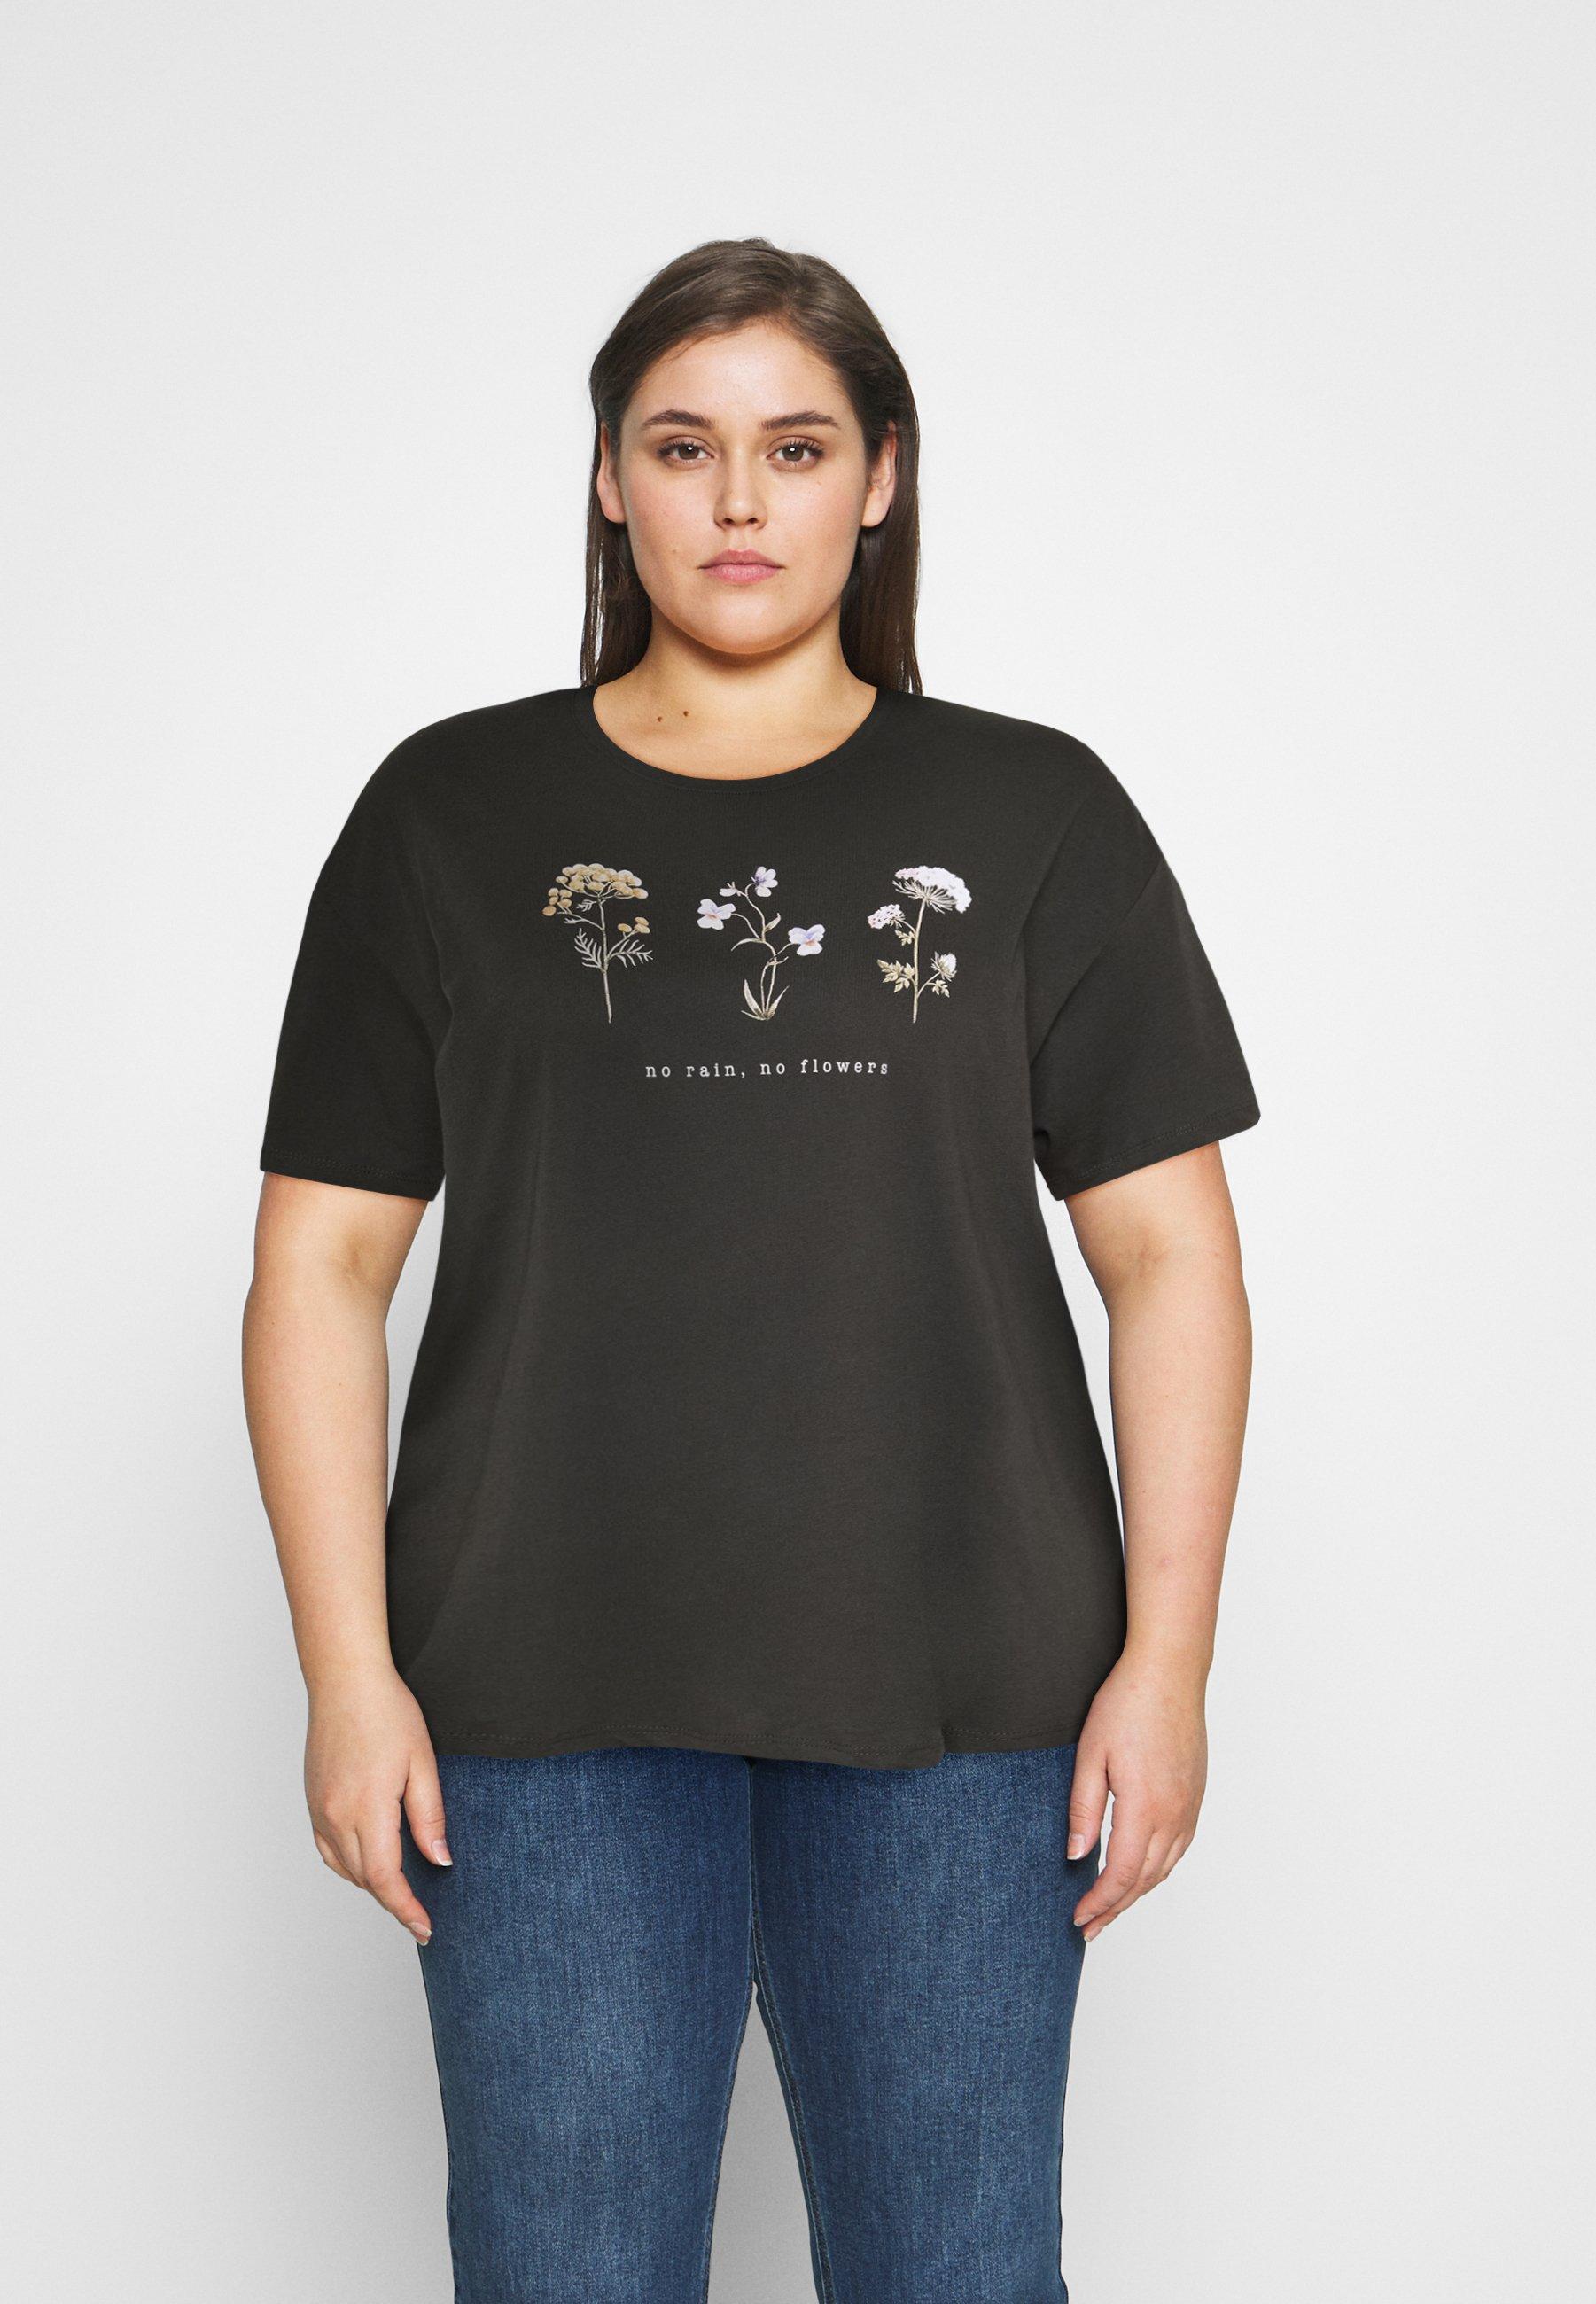 Women HATTIE WILDFLOWERS NO RAIN TEE - Print T-shirt